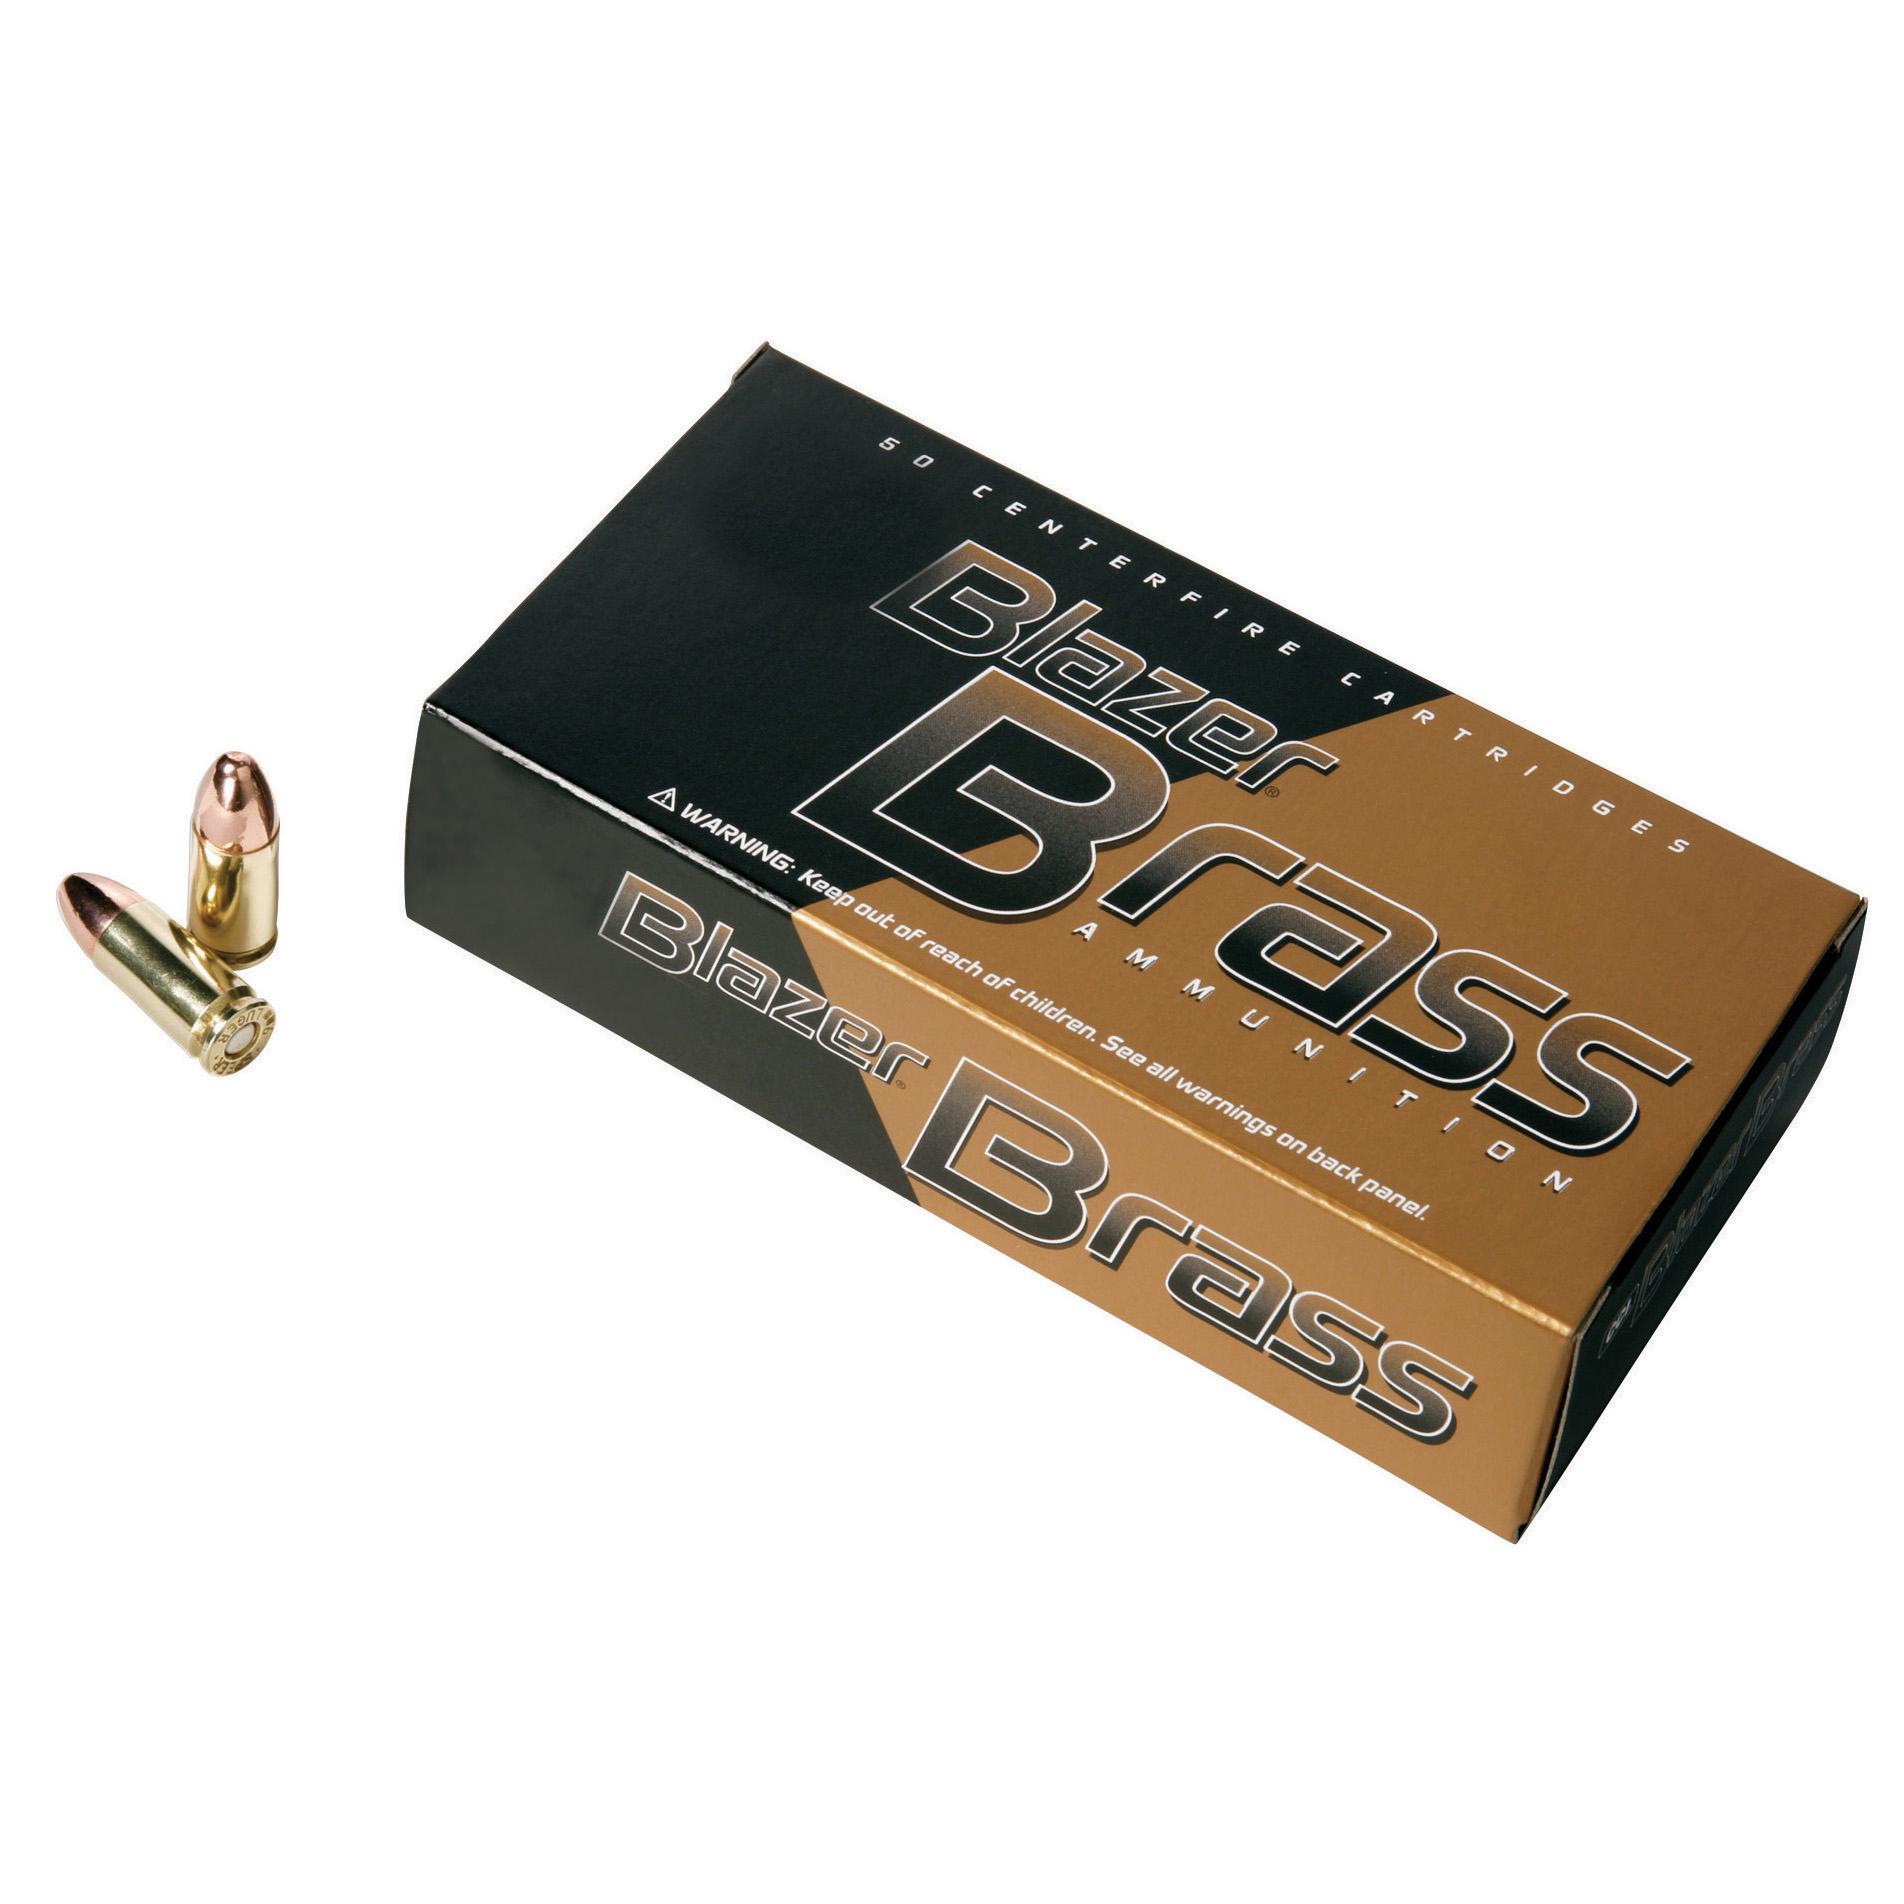 Blazer Brass Ammunition, 50-Rounds, 9MM Luger, 115-gr, FMJ